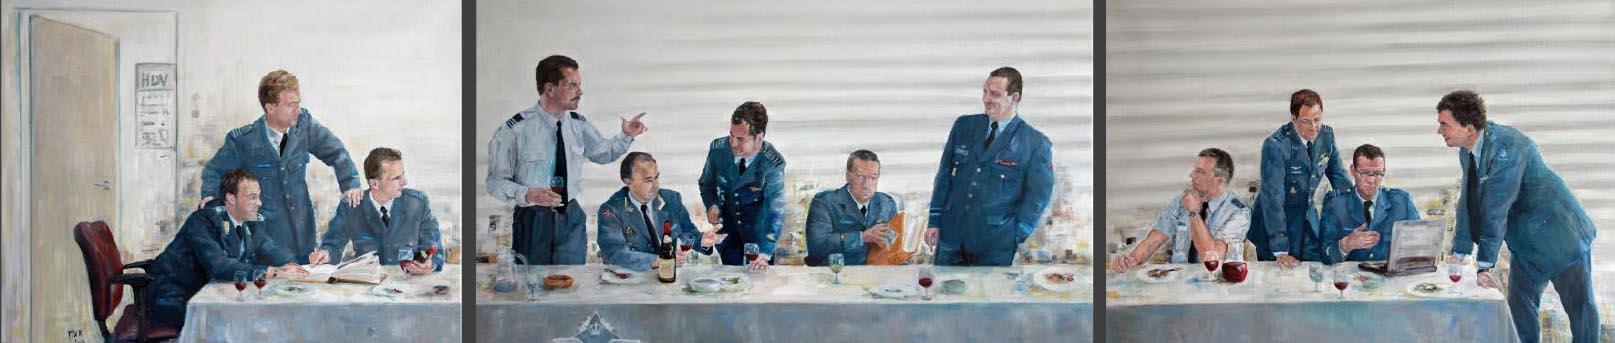 groepsportret Koninklijke Luchtmacht HSV